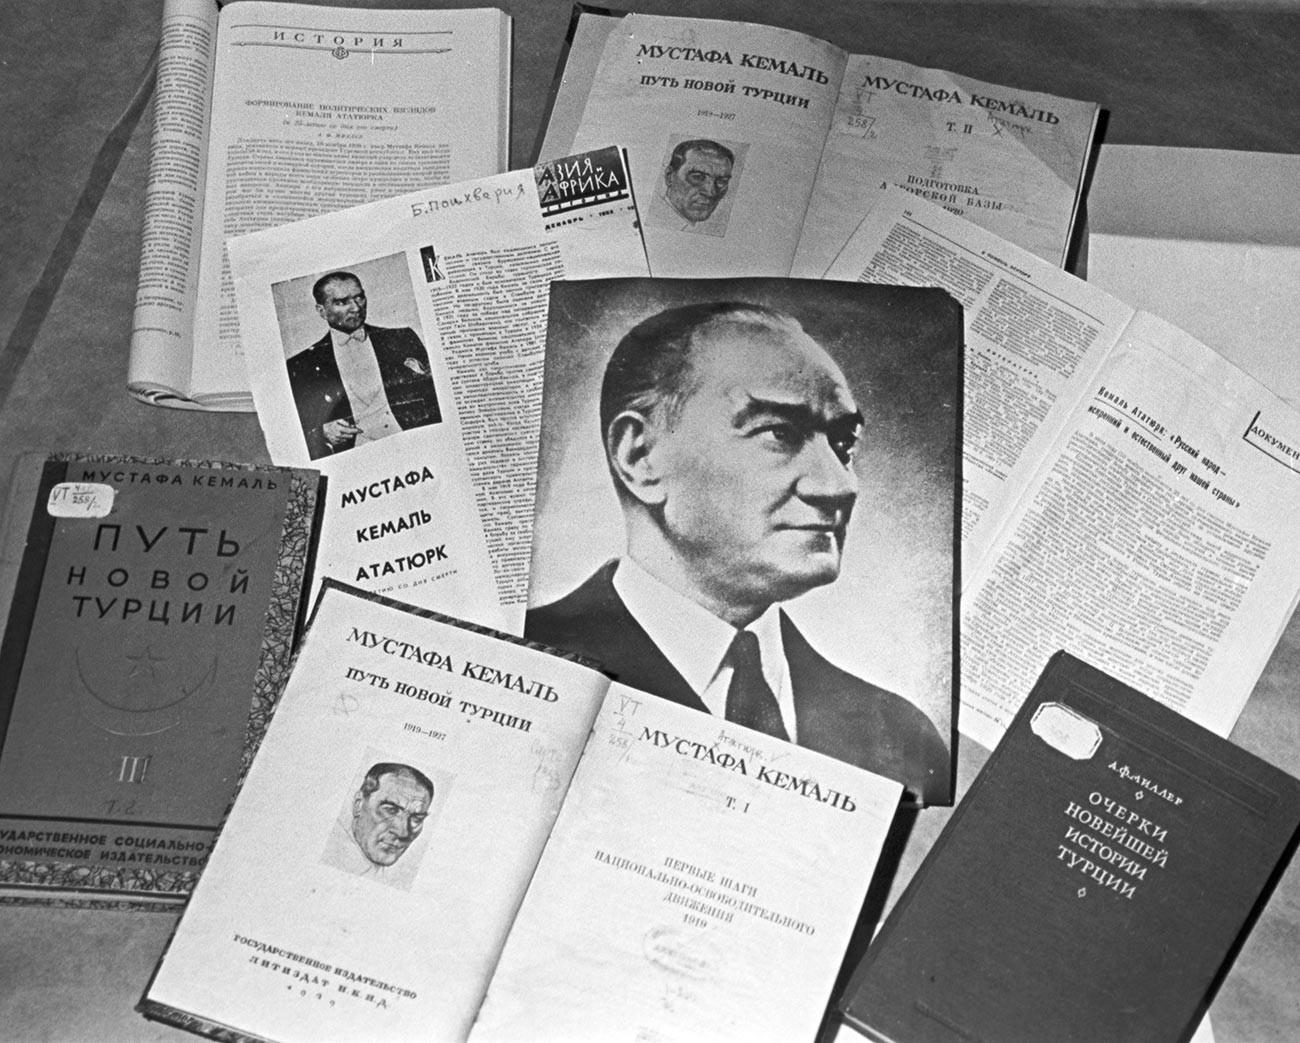 Dela Mustafe Kemala Atatürka